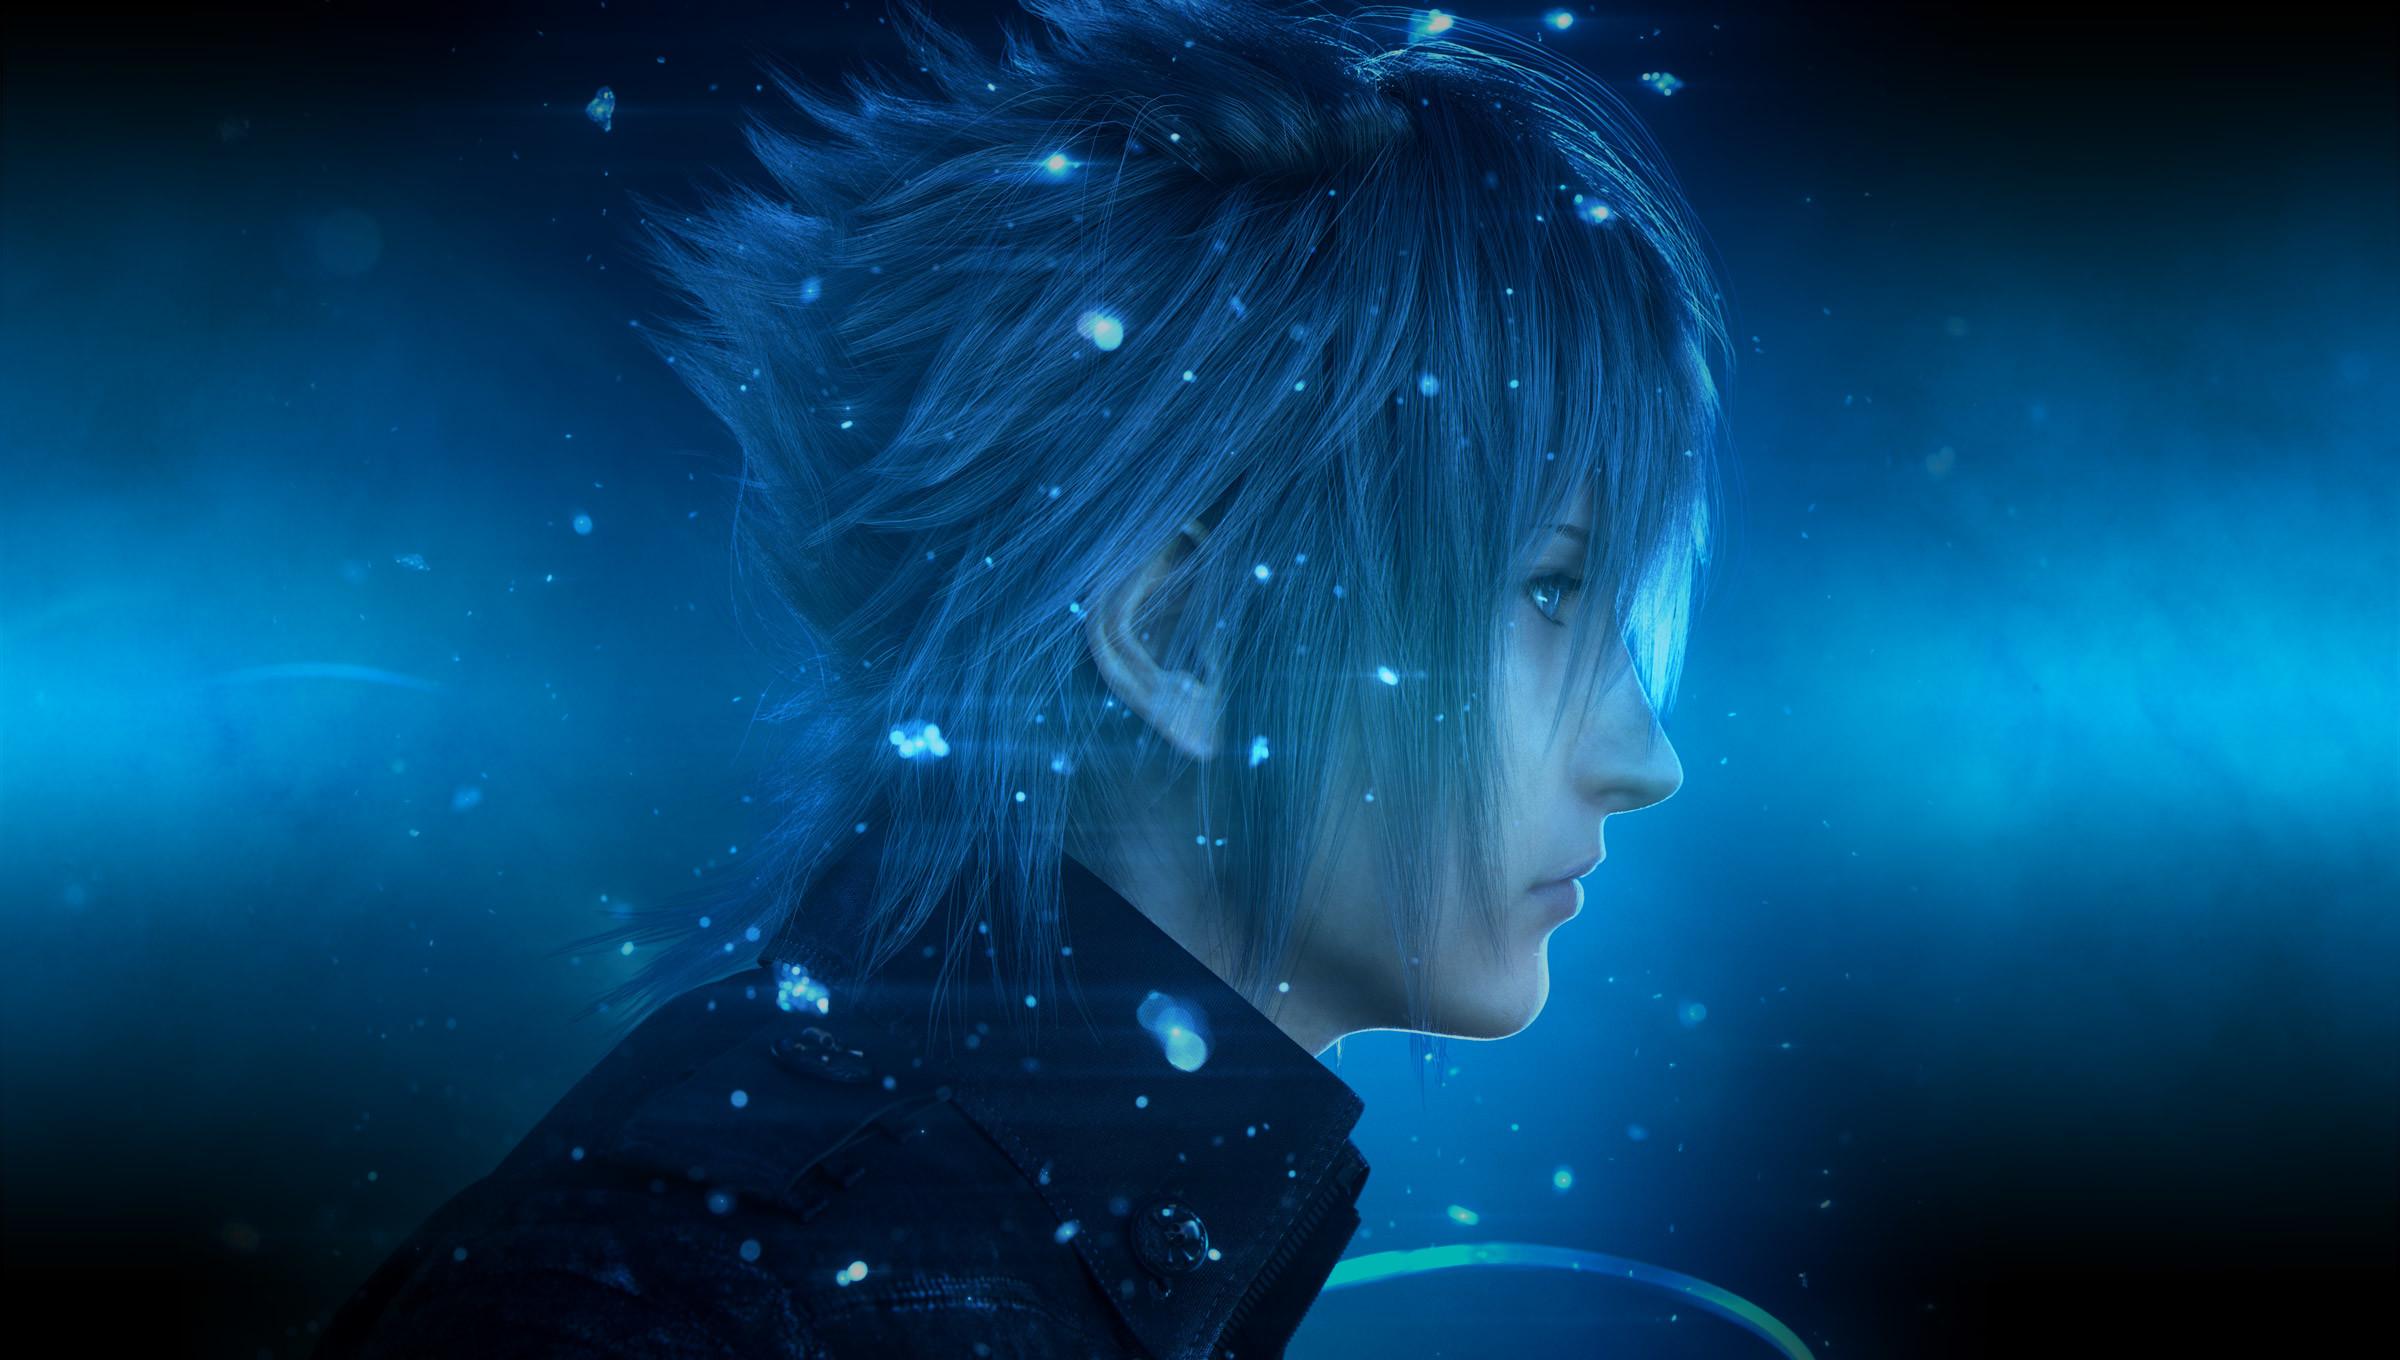 Final Fantasy Xv Wallpaper Iphone Final Fantasy Xv Wallpaper Reddit